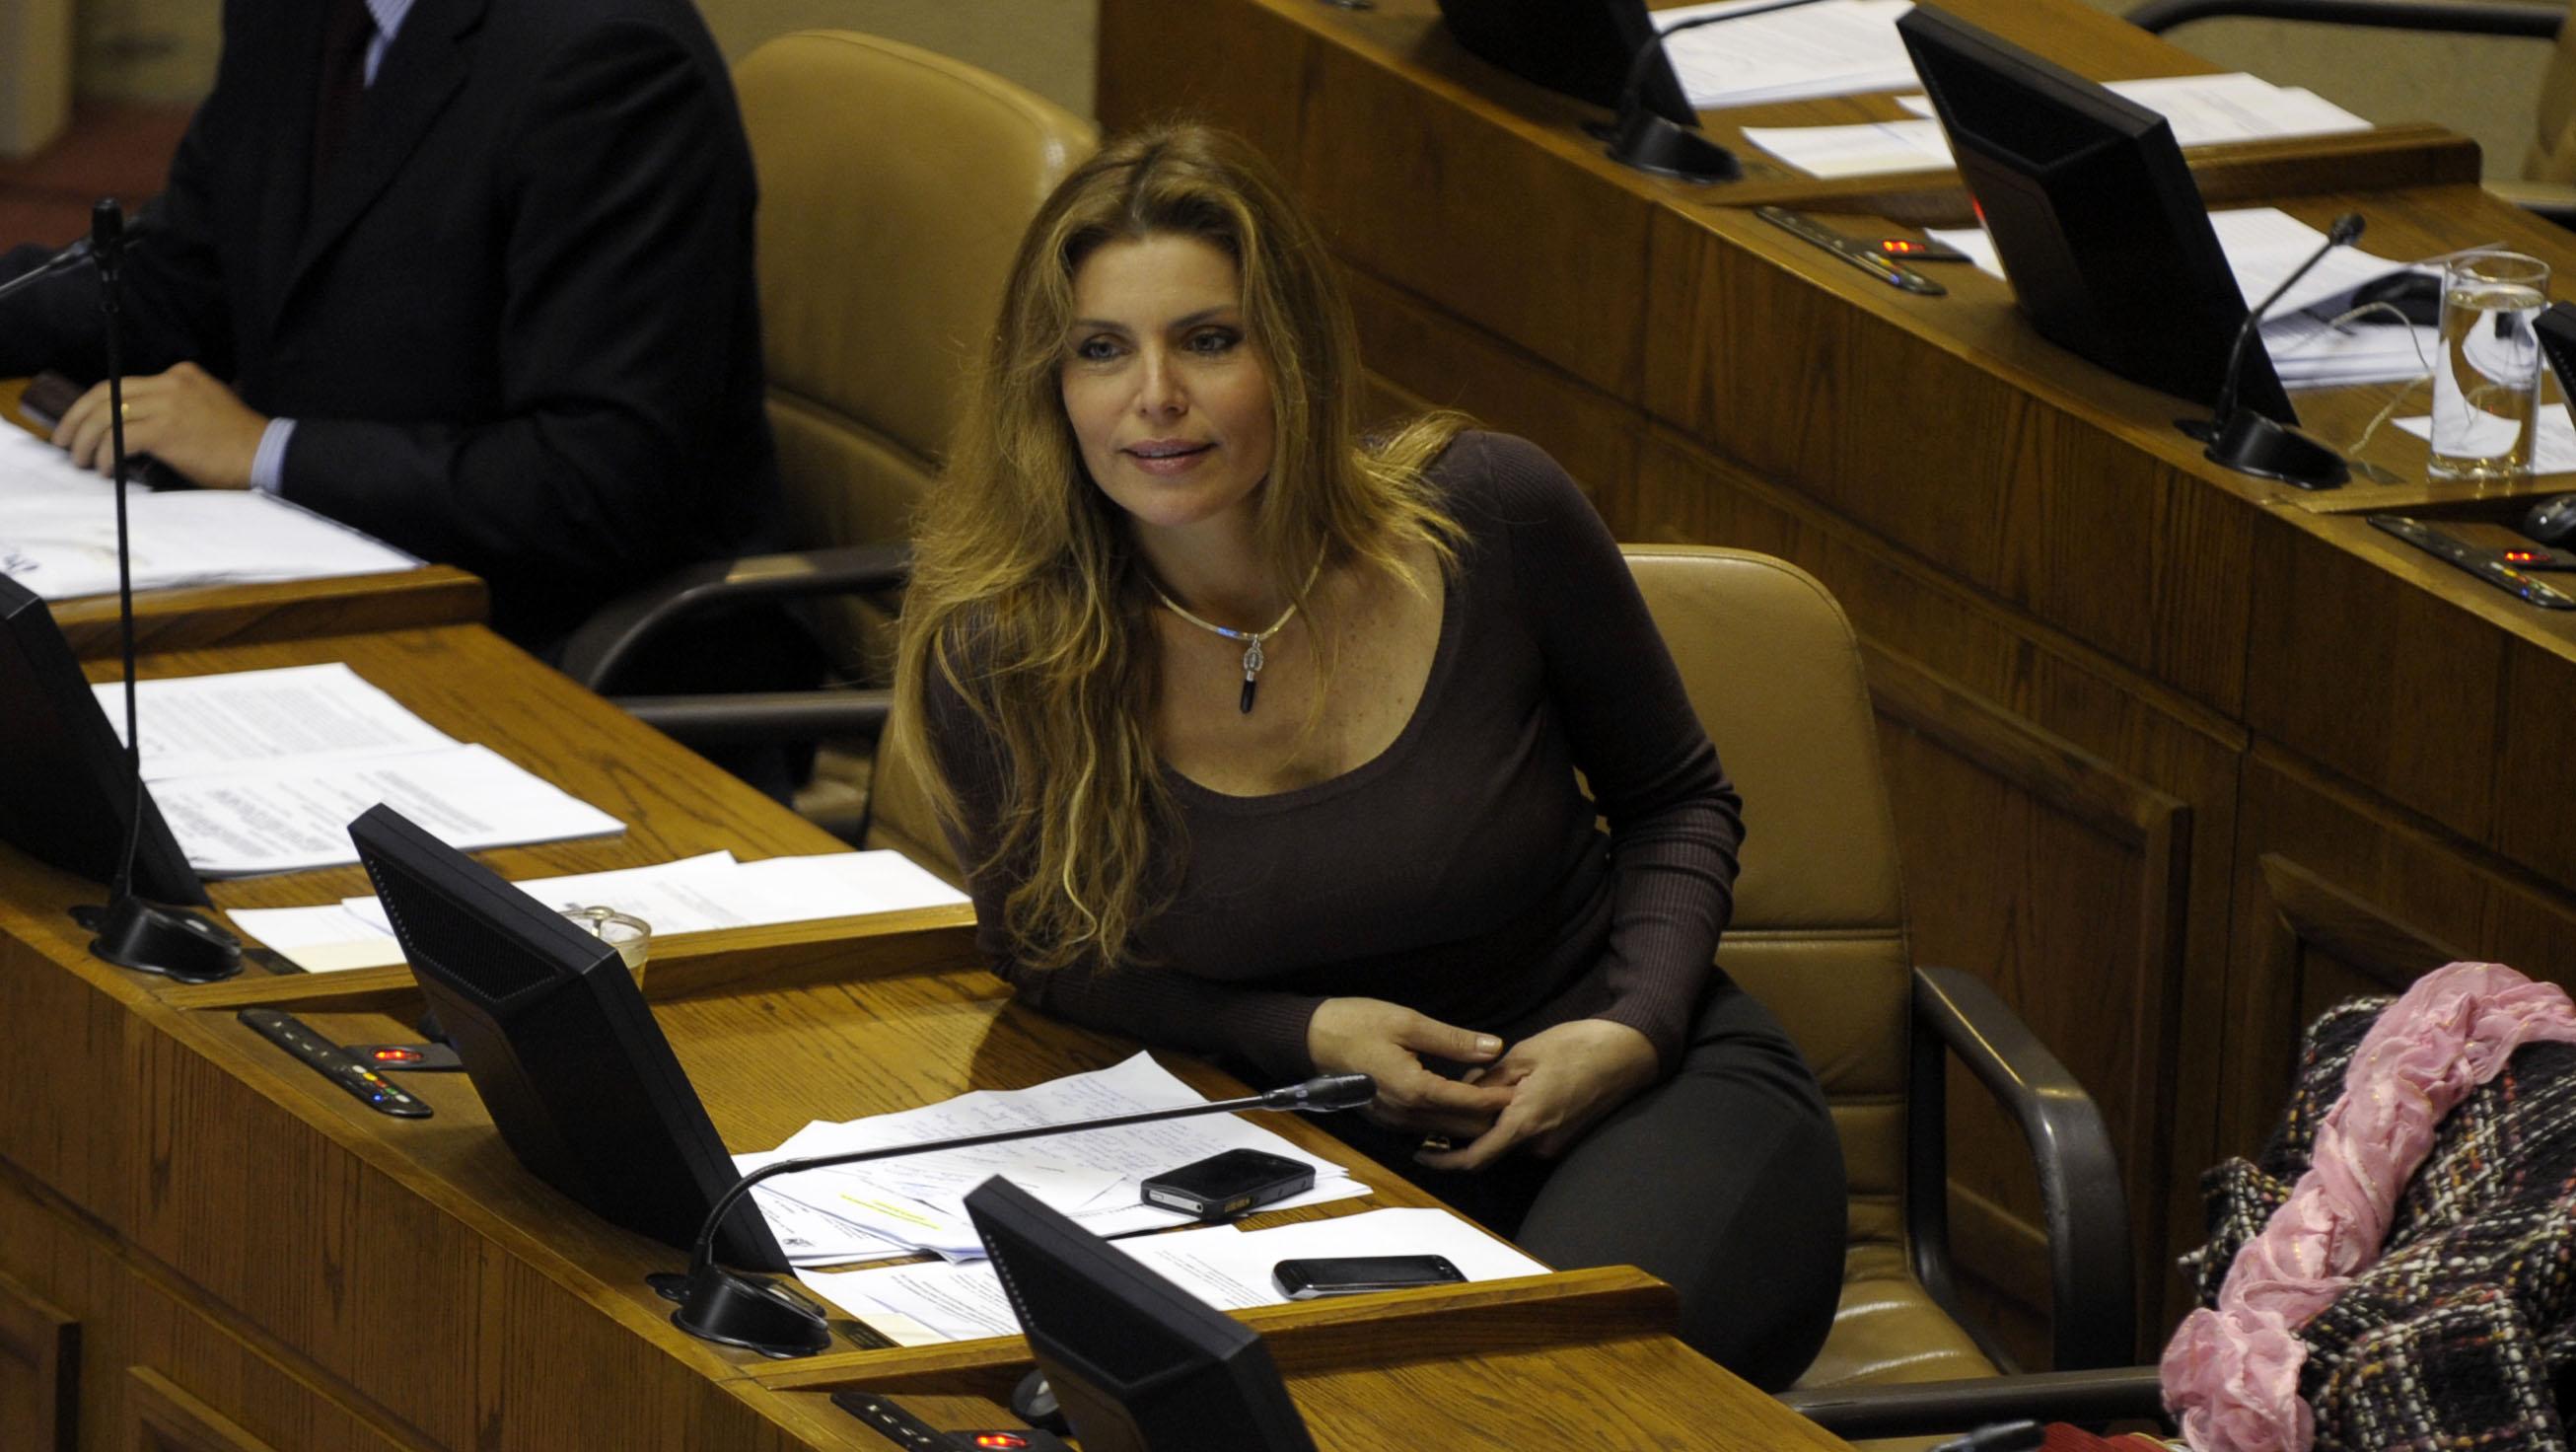 #CareRaja: Andrea Molina vive en la V Región y declara más de $3 millones en movilización